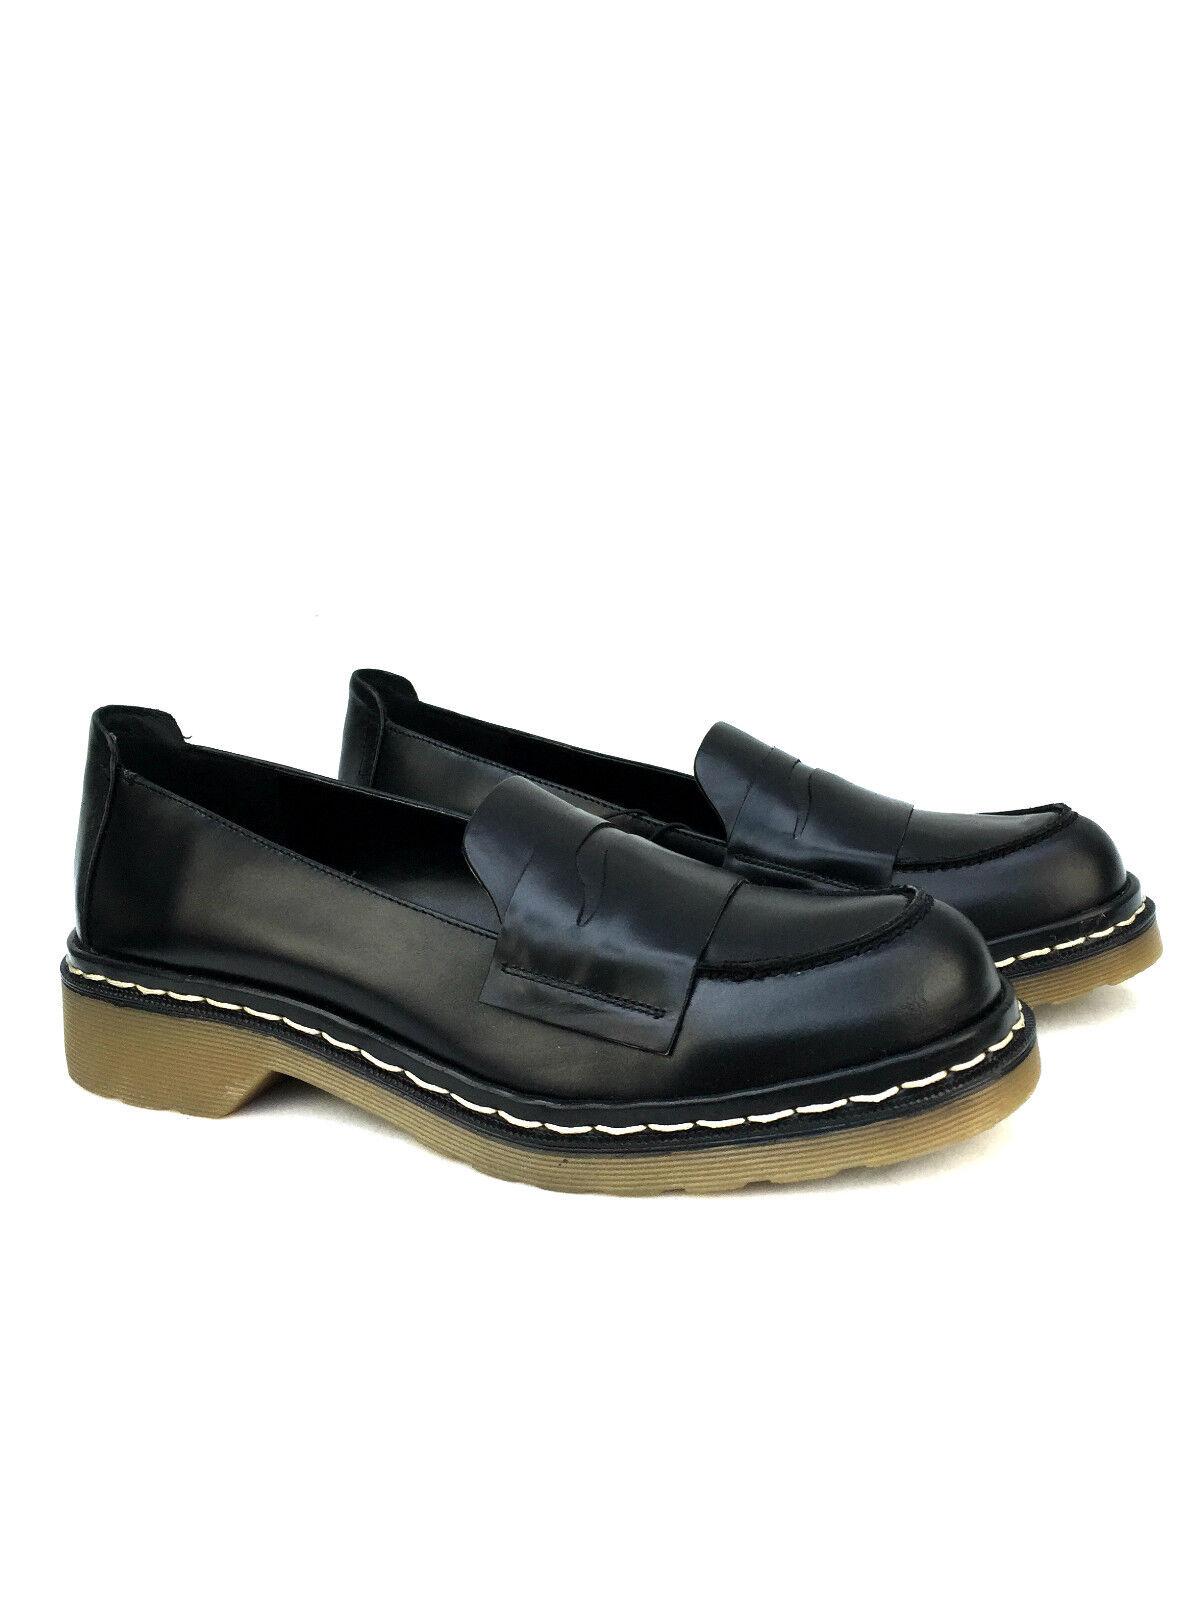 Zara Negro Cuero Mocasín Mocasín Mocasín Zapatos Planos Mocasines Talla 37 39  a la venta